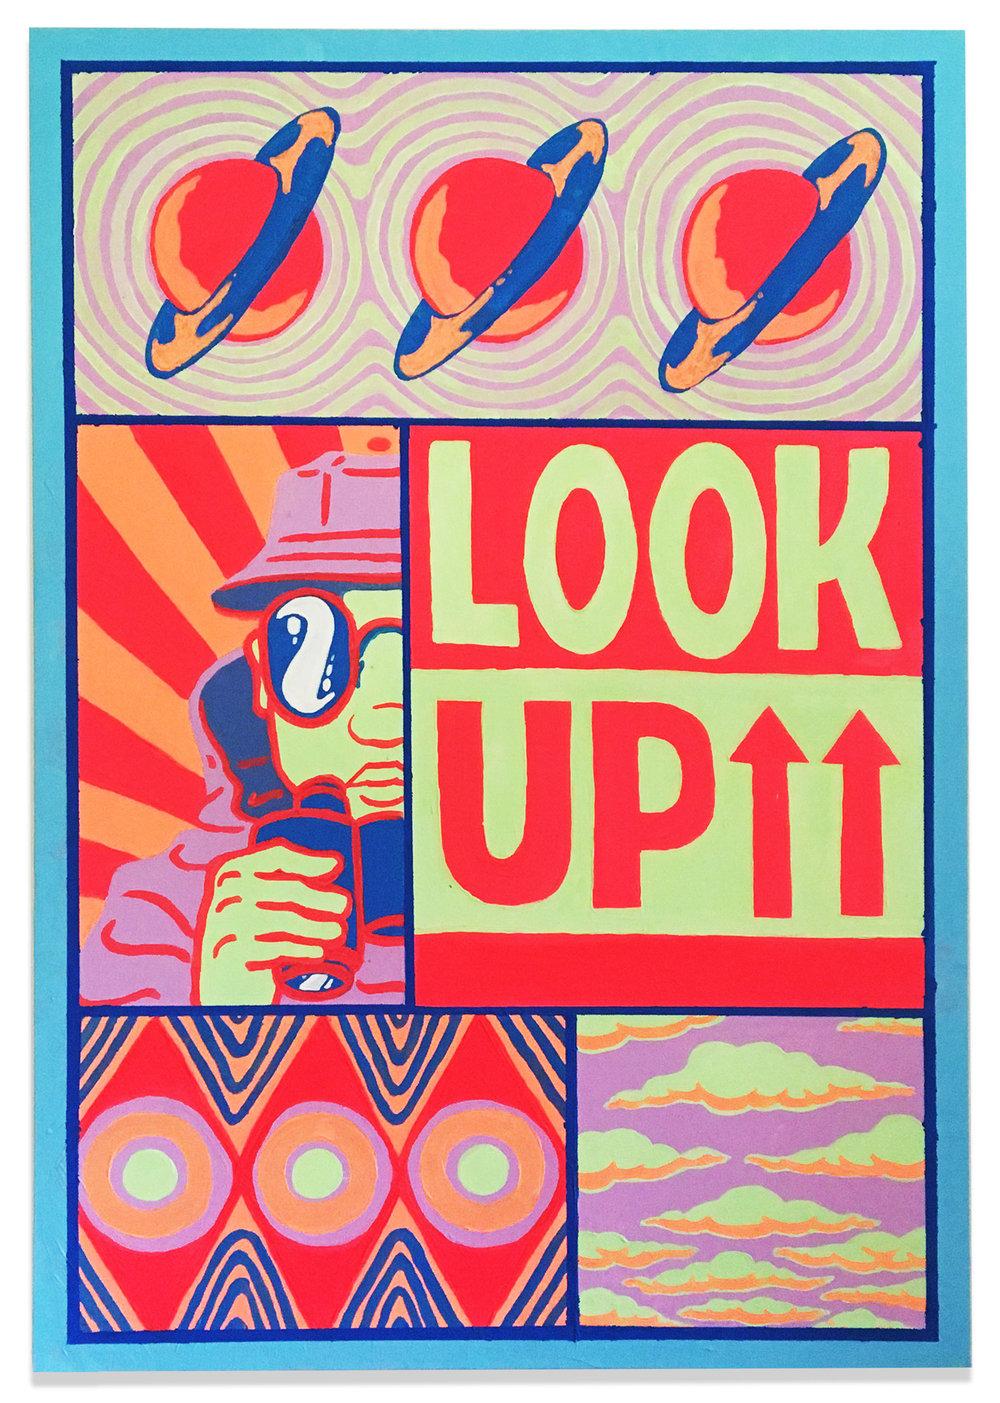 lookup.jpg